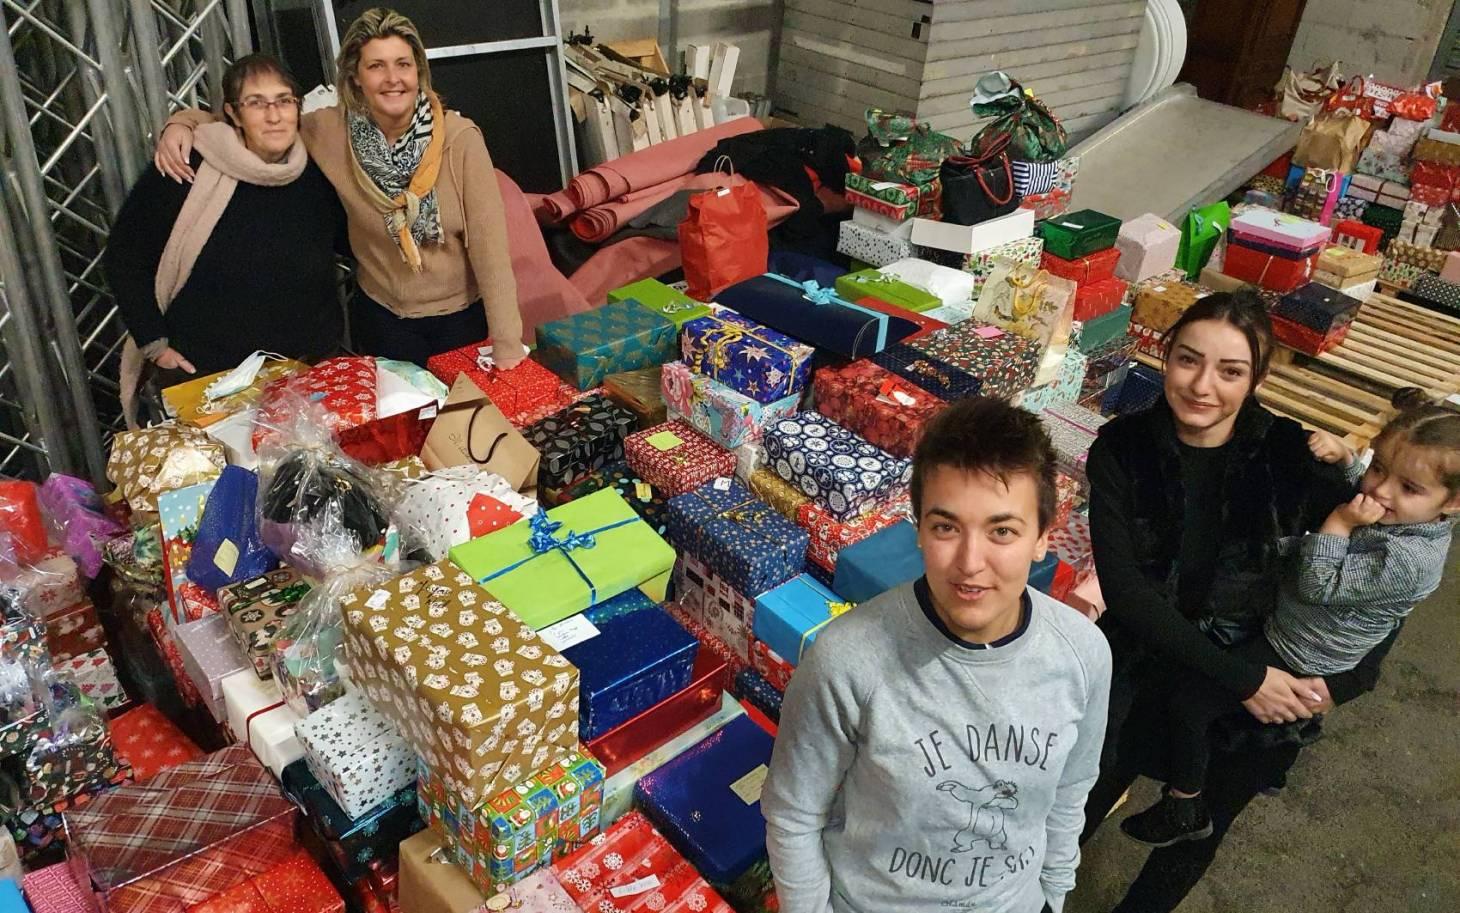 Des boîtes à cadeaux par milliers